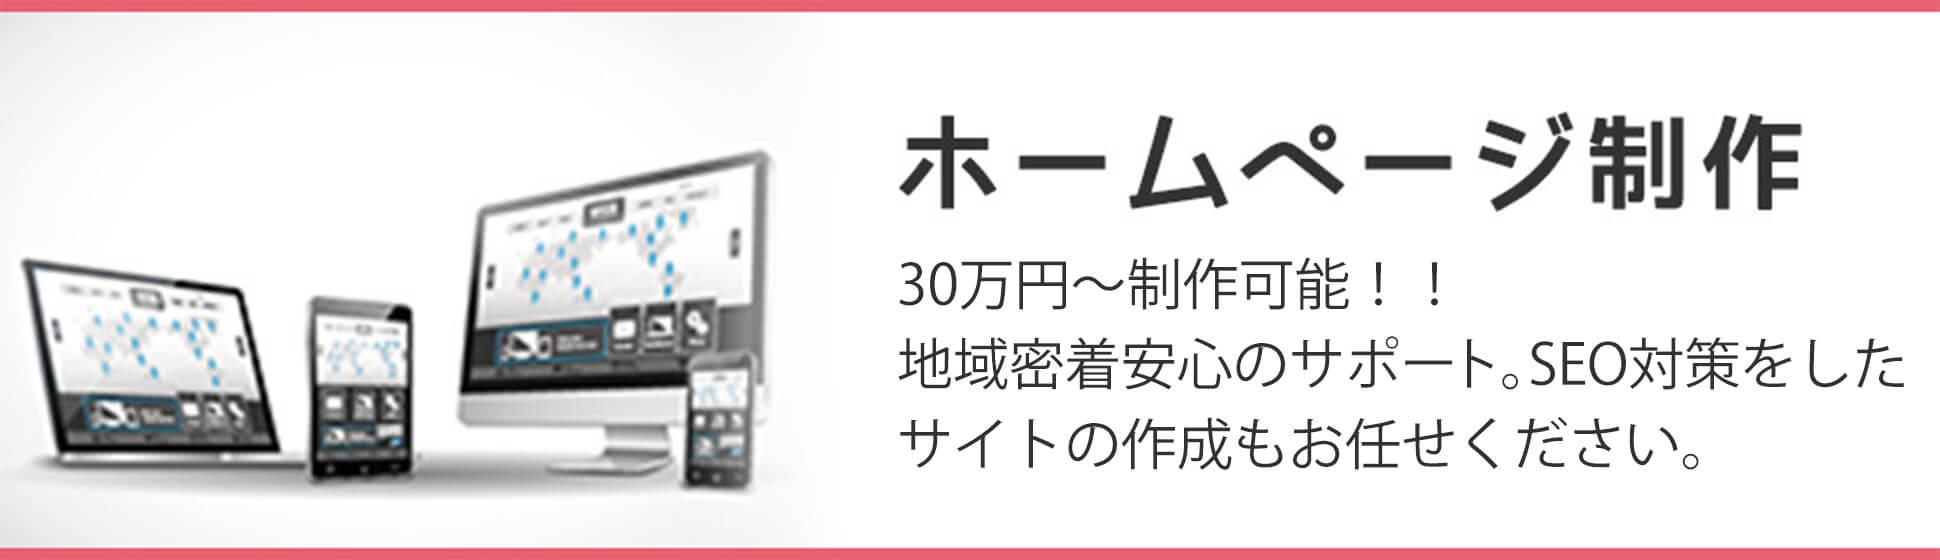 ホームページ制作 30万円〜制作可能!!地域密着安心のサポート。SEO対策をしたサイトの作成もお任せください。